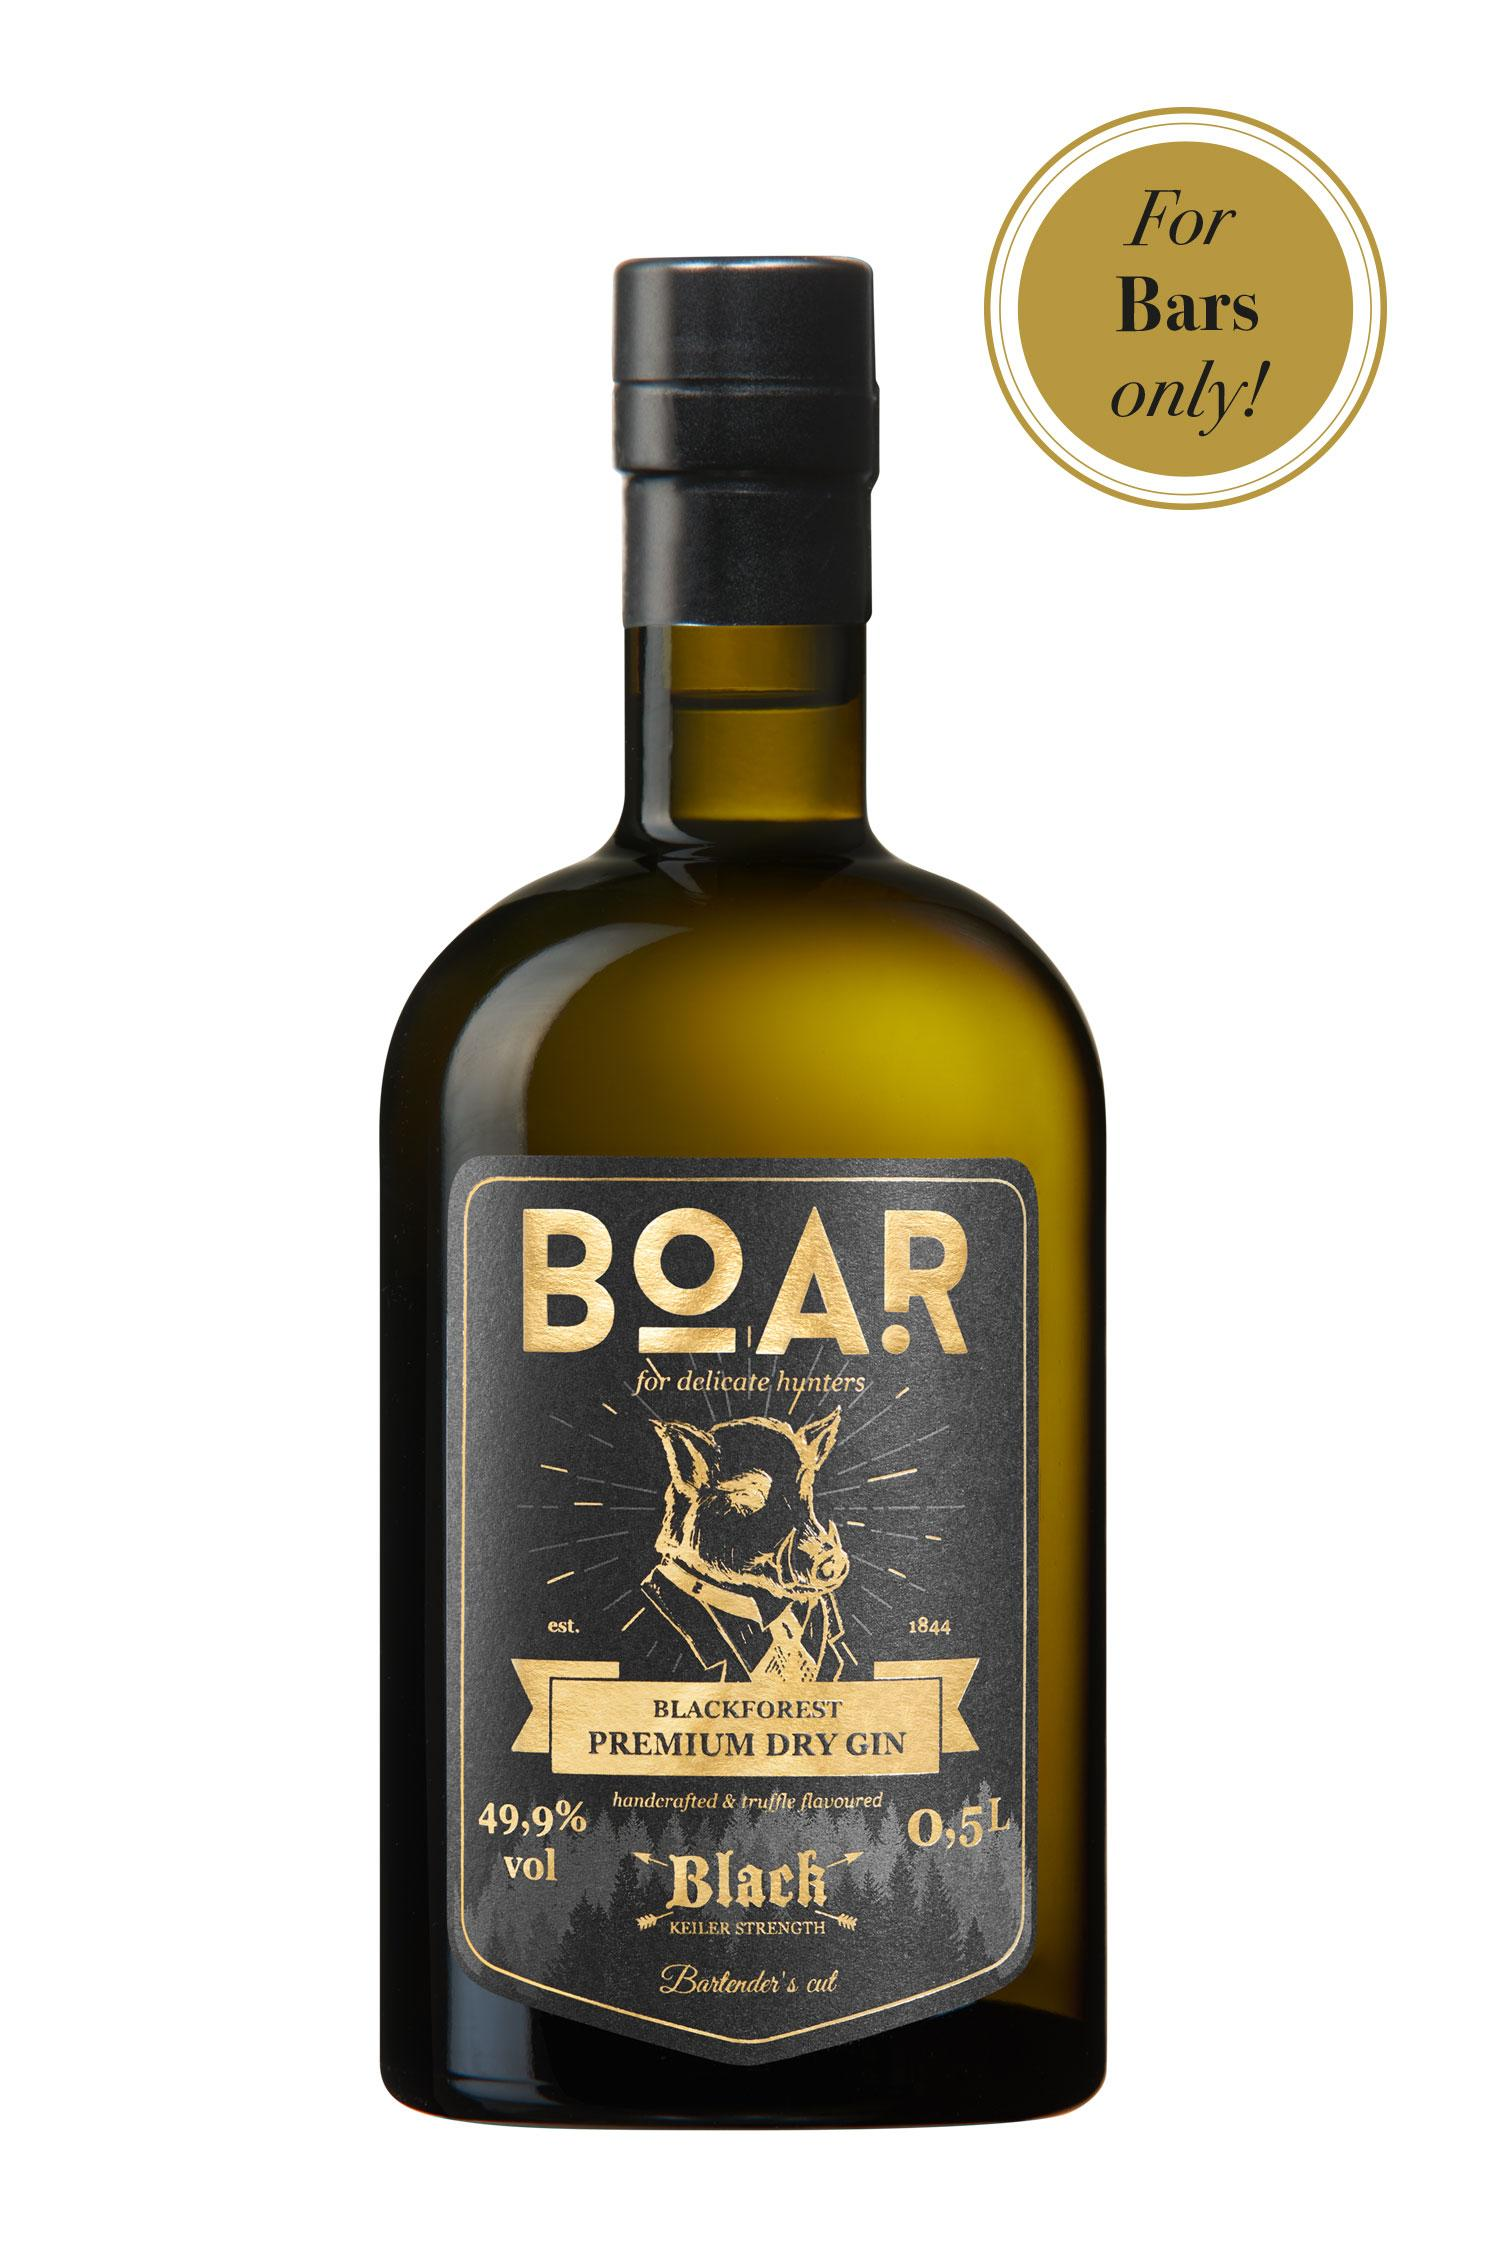 Boar Black Keiler Strength Gin, 0,5l. 49,9% Vol...